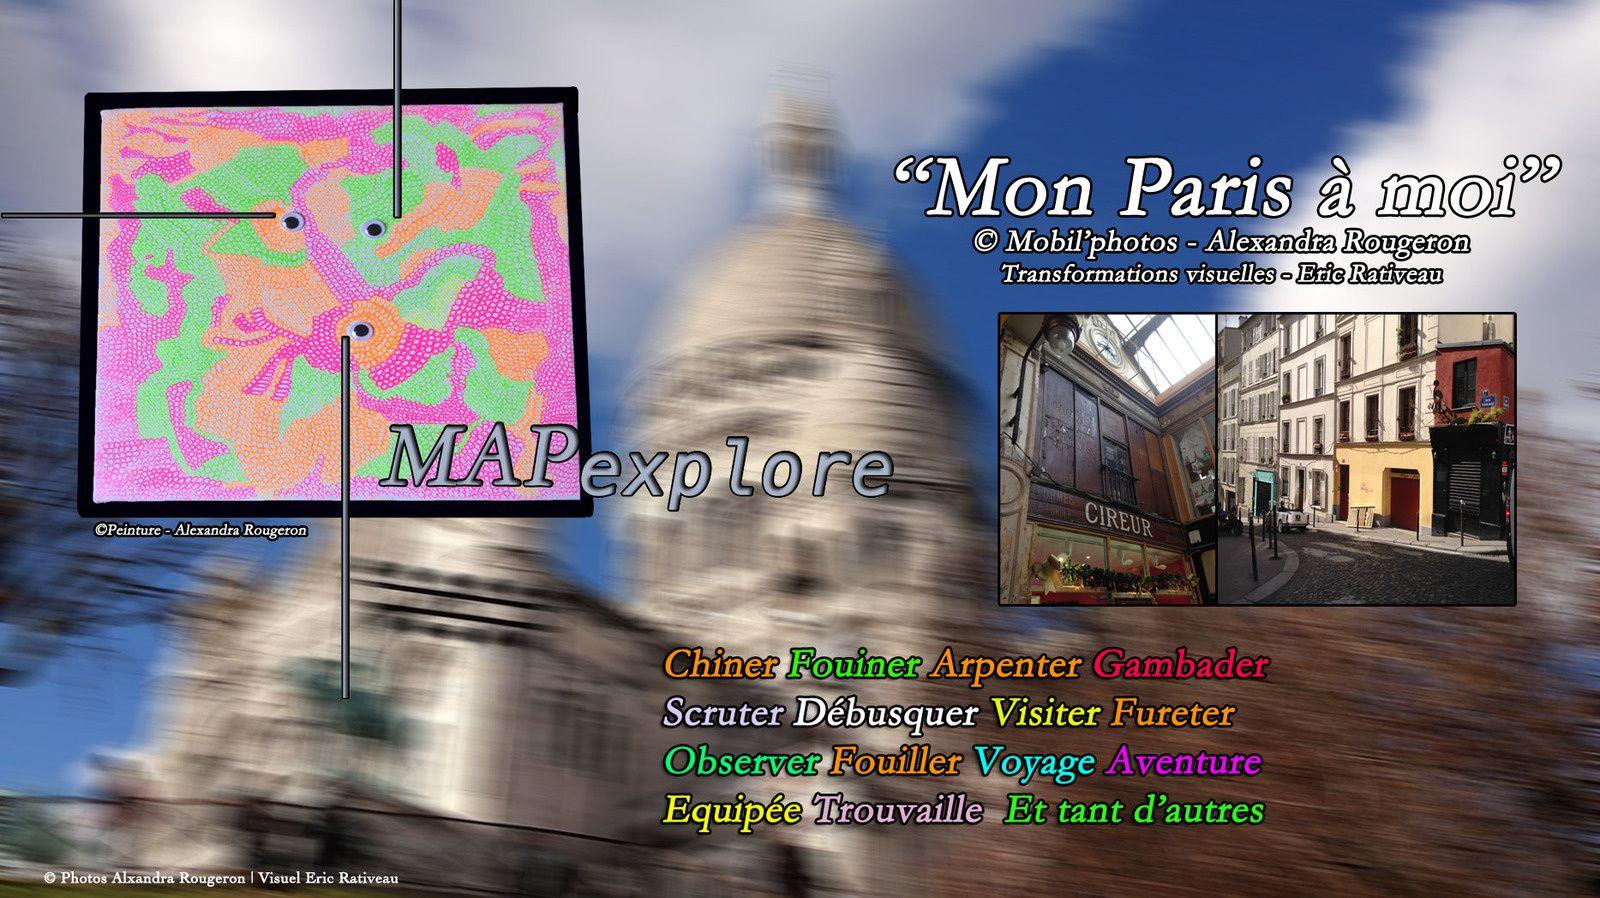 Moi j'adore Paris, j'y suis née. il y a toujours à découvrir c'est incroyable : ambiance, poésie, décor, individu, loisir..